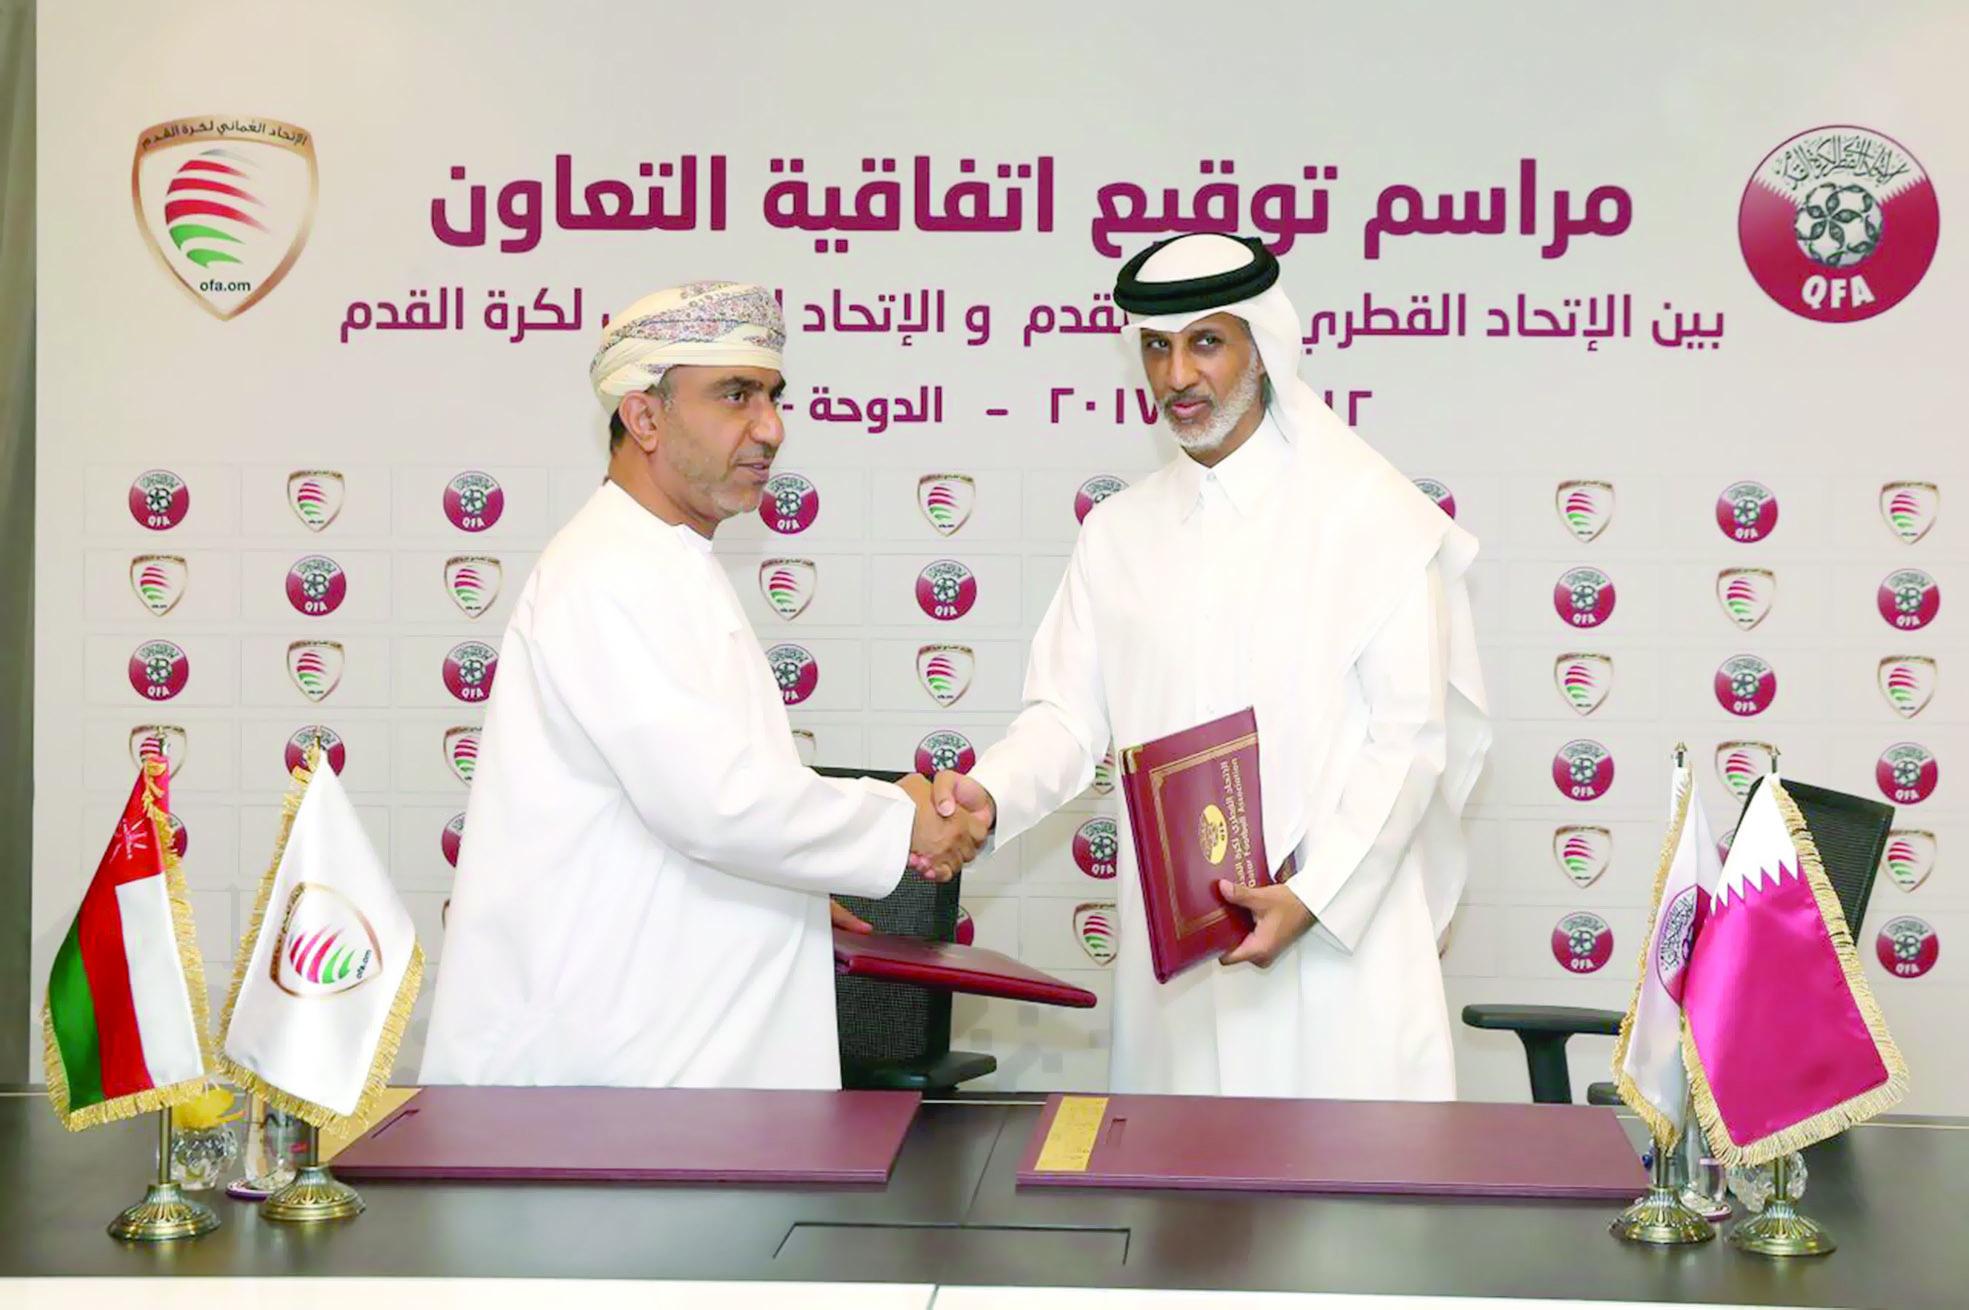 لتطوير كرة القدم فنيا وطبيا ولوجستياالعُماني يوقع مع نظيره القطري اتفاقية تعاون شاملة